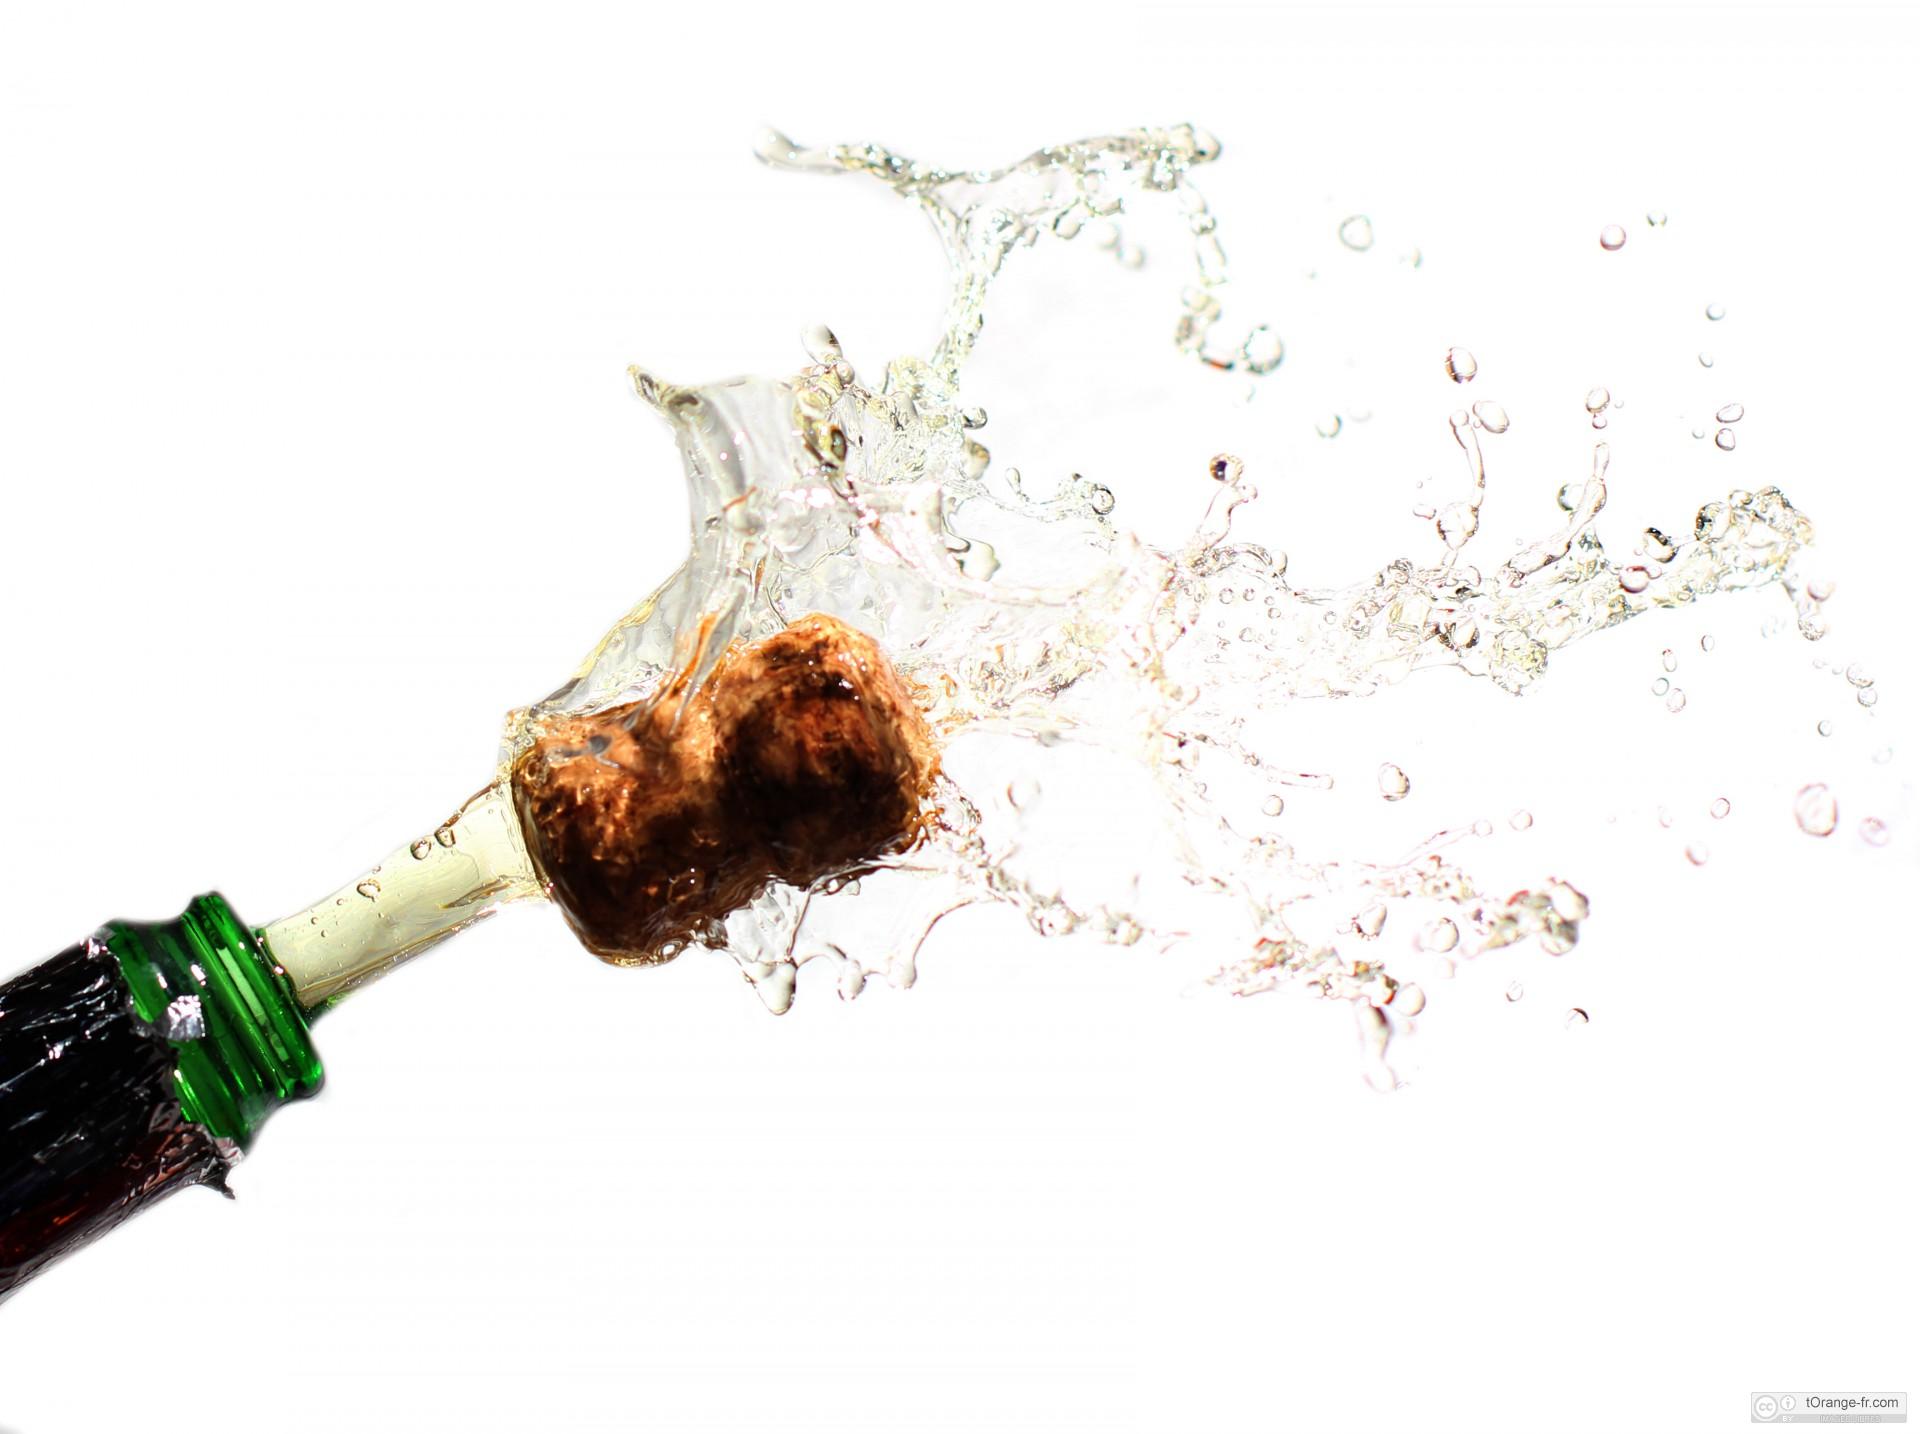 Comment ouvrir une bouteille de champagne dans les r gles de l 39 art apprendre les bonnes mani res - Une bouteille de champagne pour combien de personnes ...